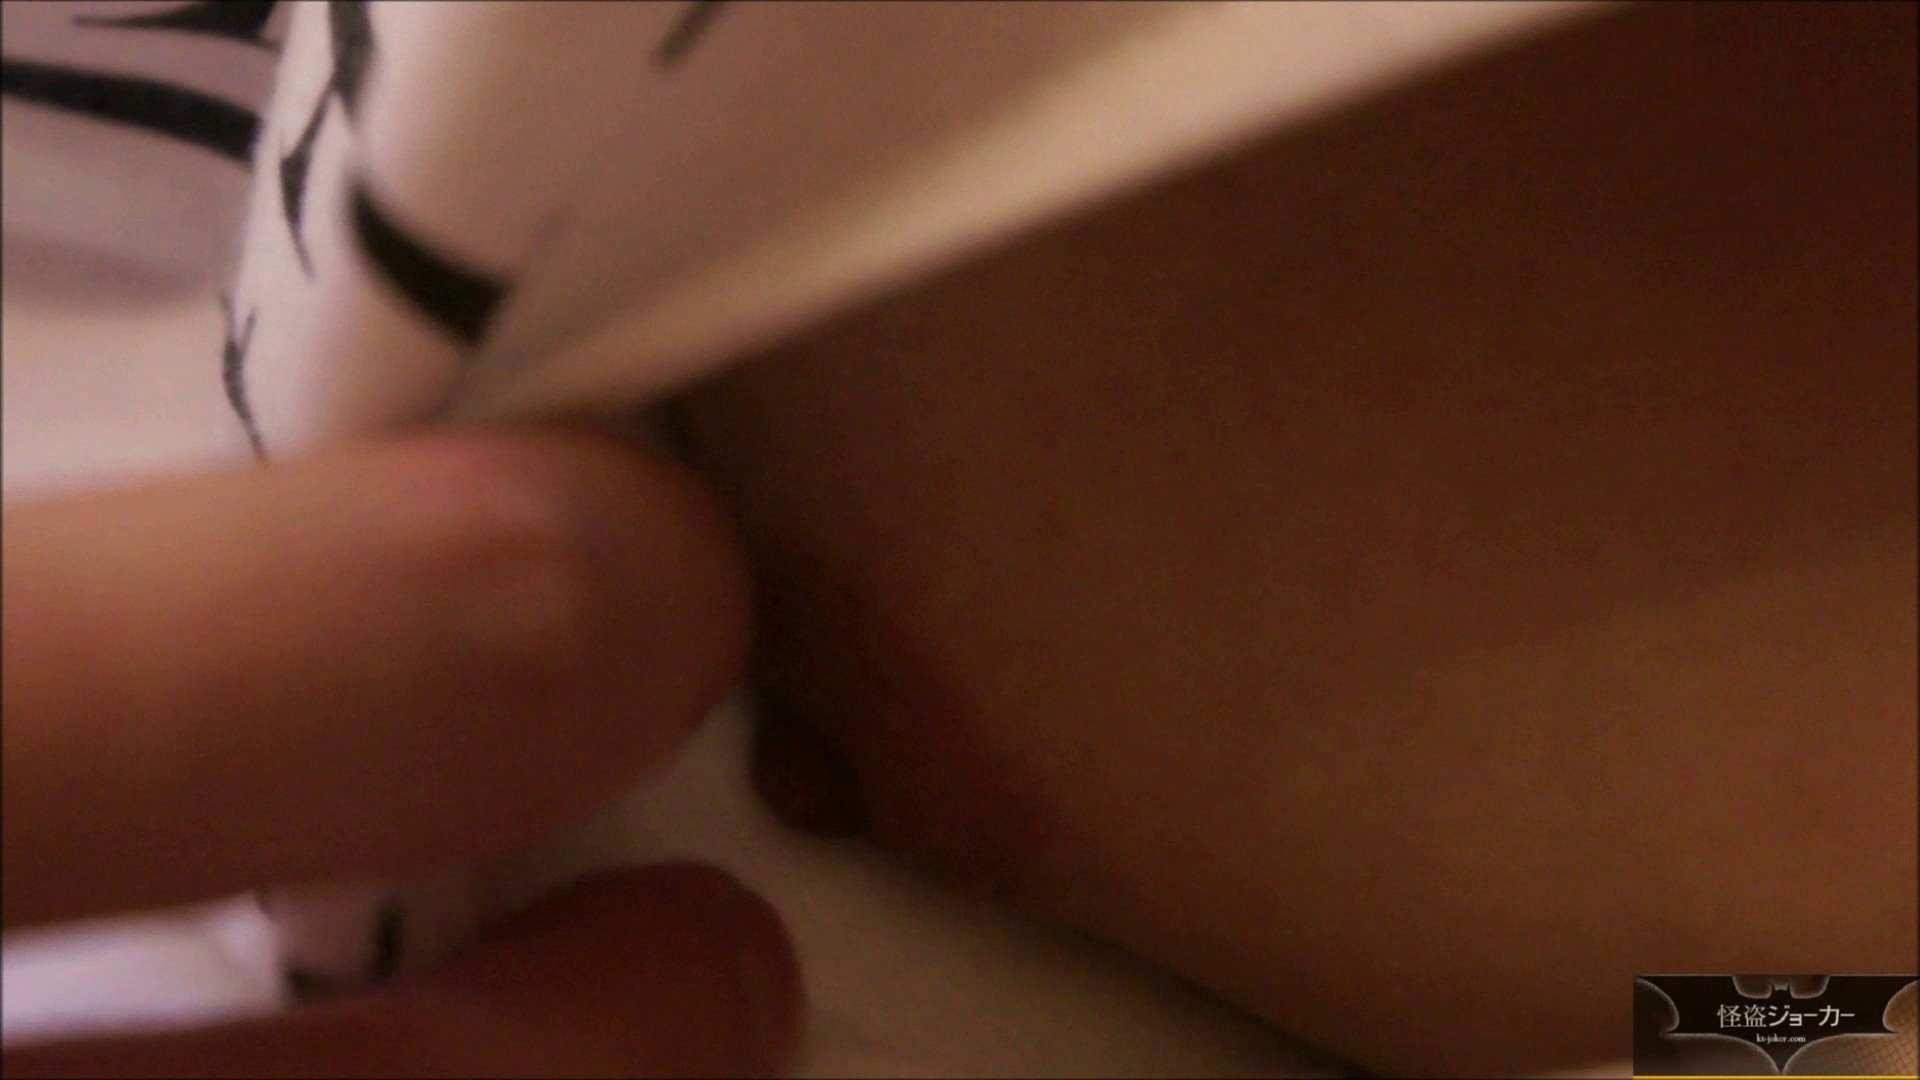 【未公開】vol.11 【美人若妻】早苗さん・・・誘われた夜。 美肌  65PIX 33